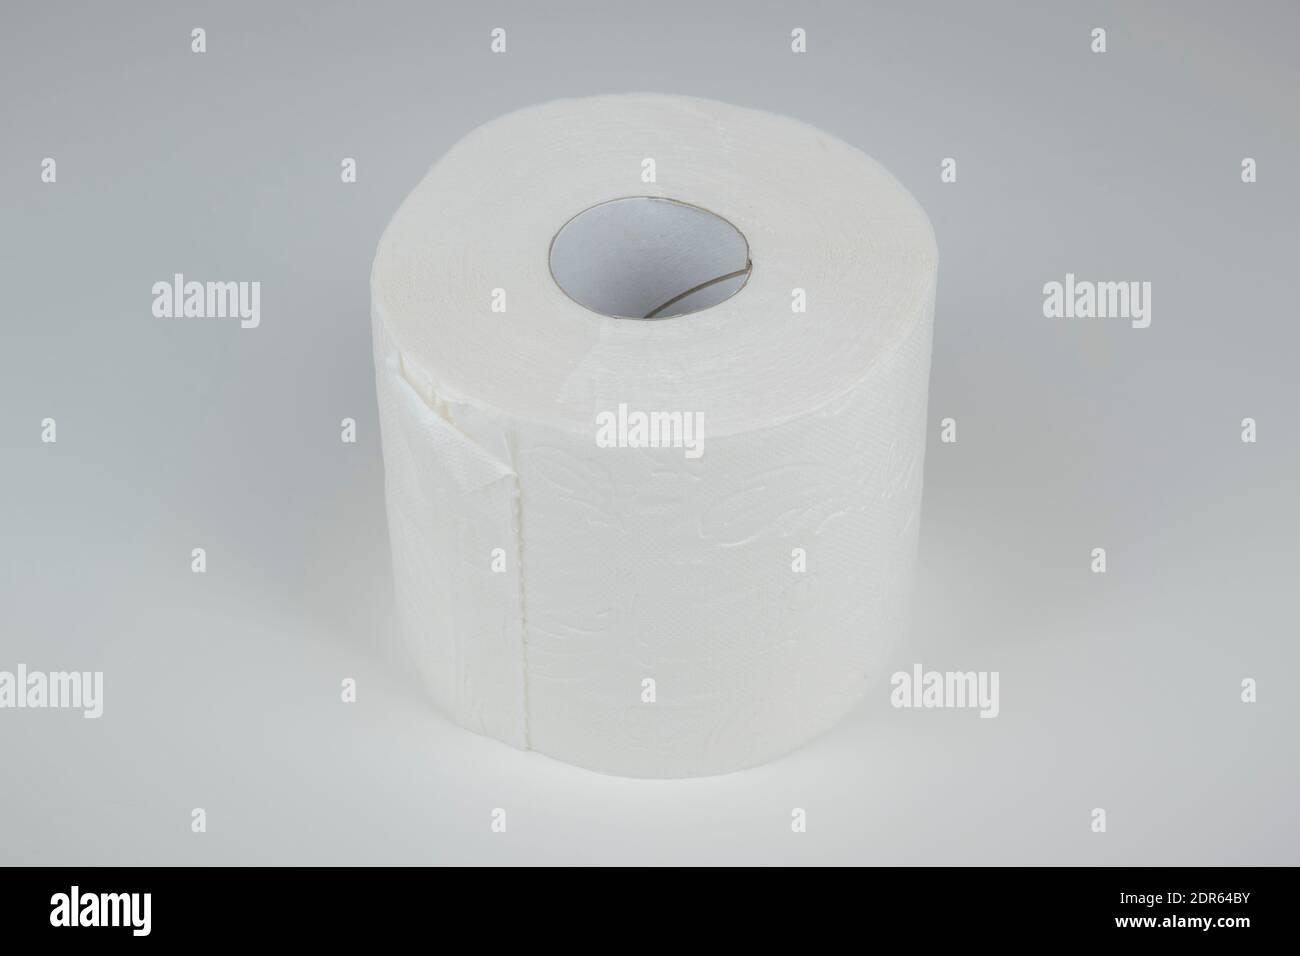 Eine Rolle Toilettenpapier auf weißem, neutralem Hintergrund. Stock Photo